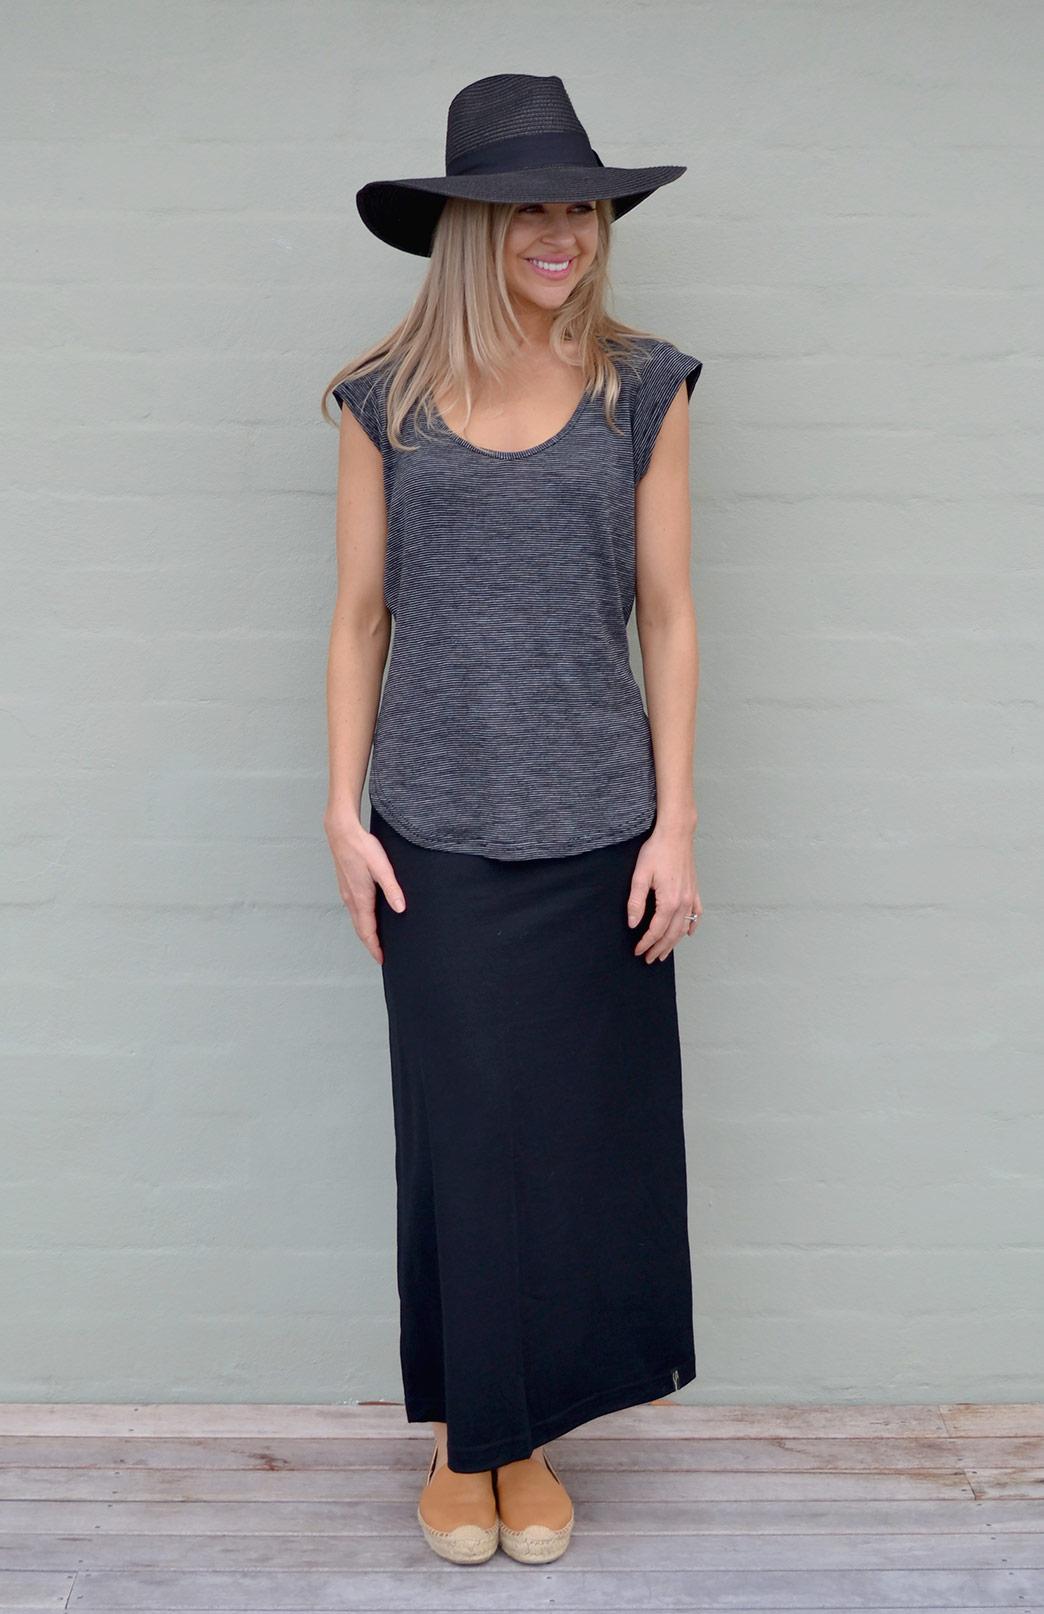 Maxi Skirt - Women's Black Wool Summer Maxi Skirt - Smitten Merino Tasmania Australia